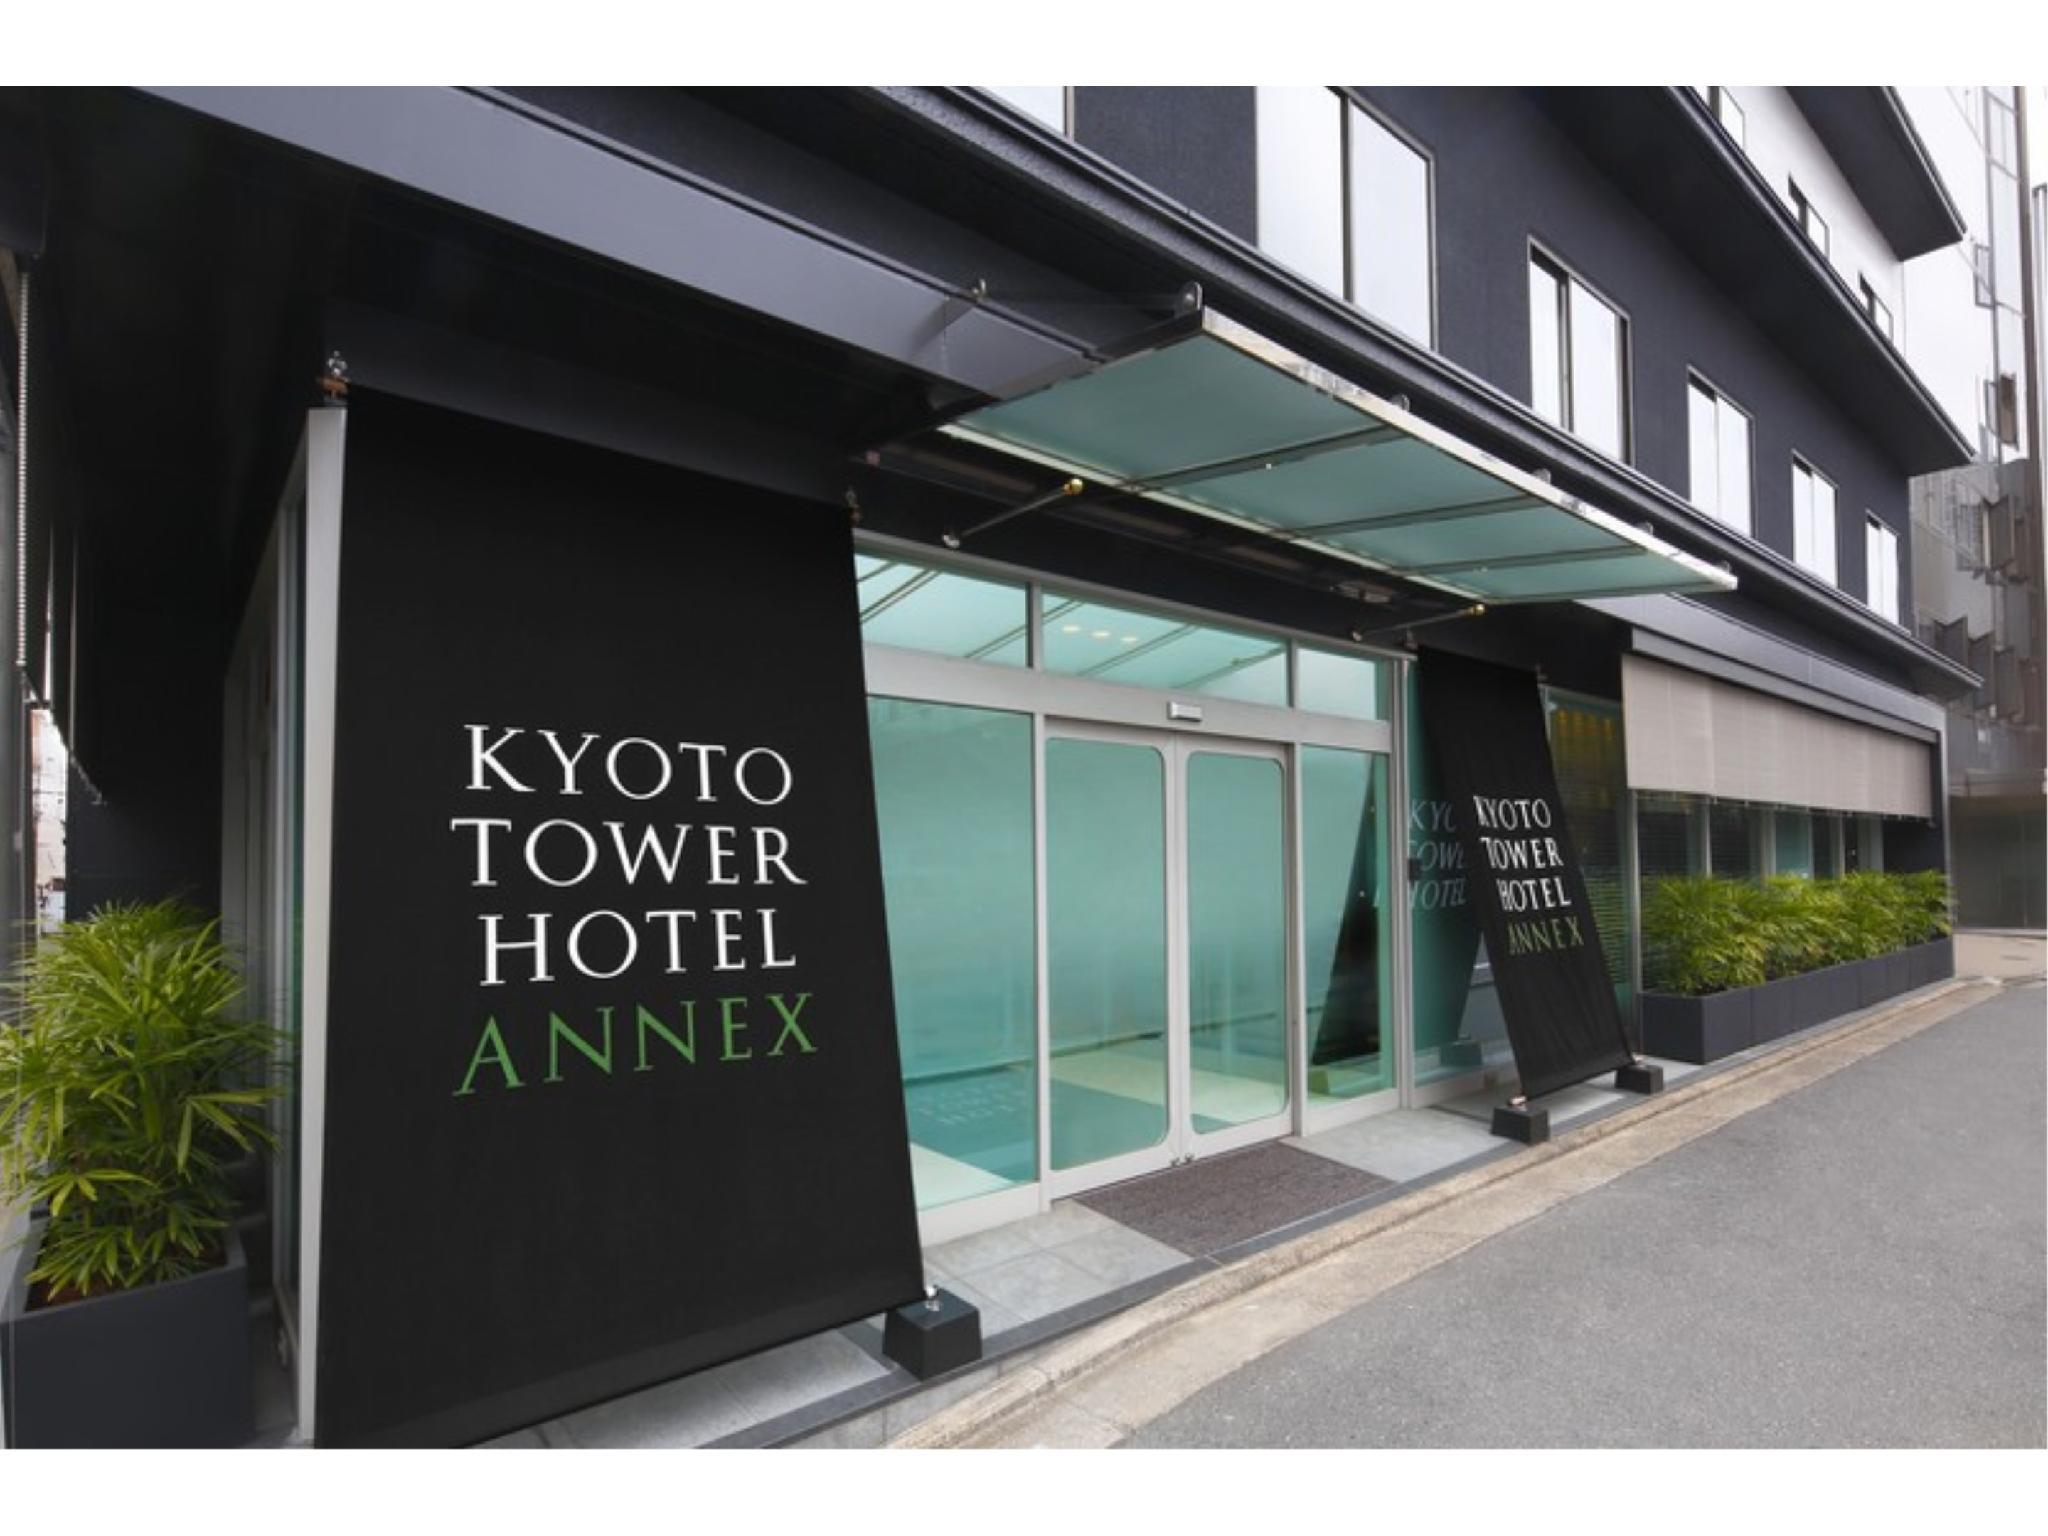 Kyoto Tower Hotel Annex